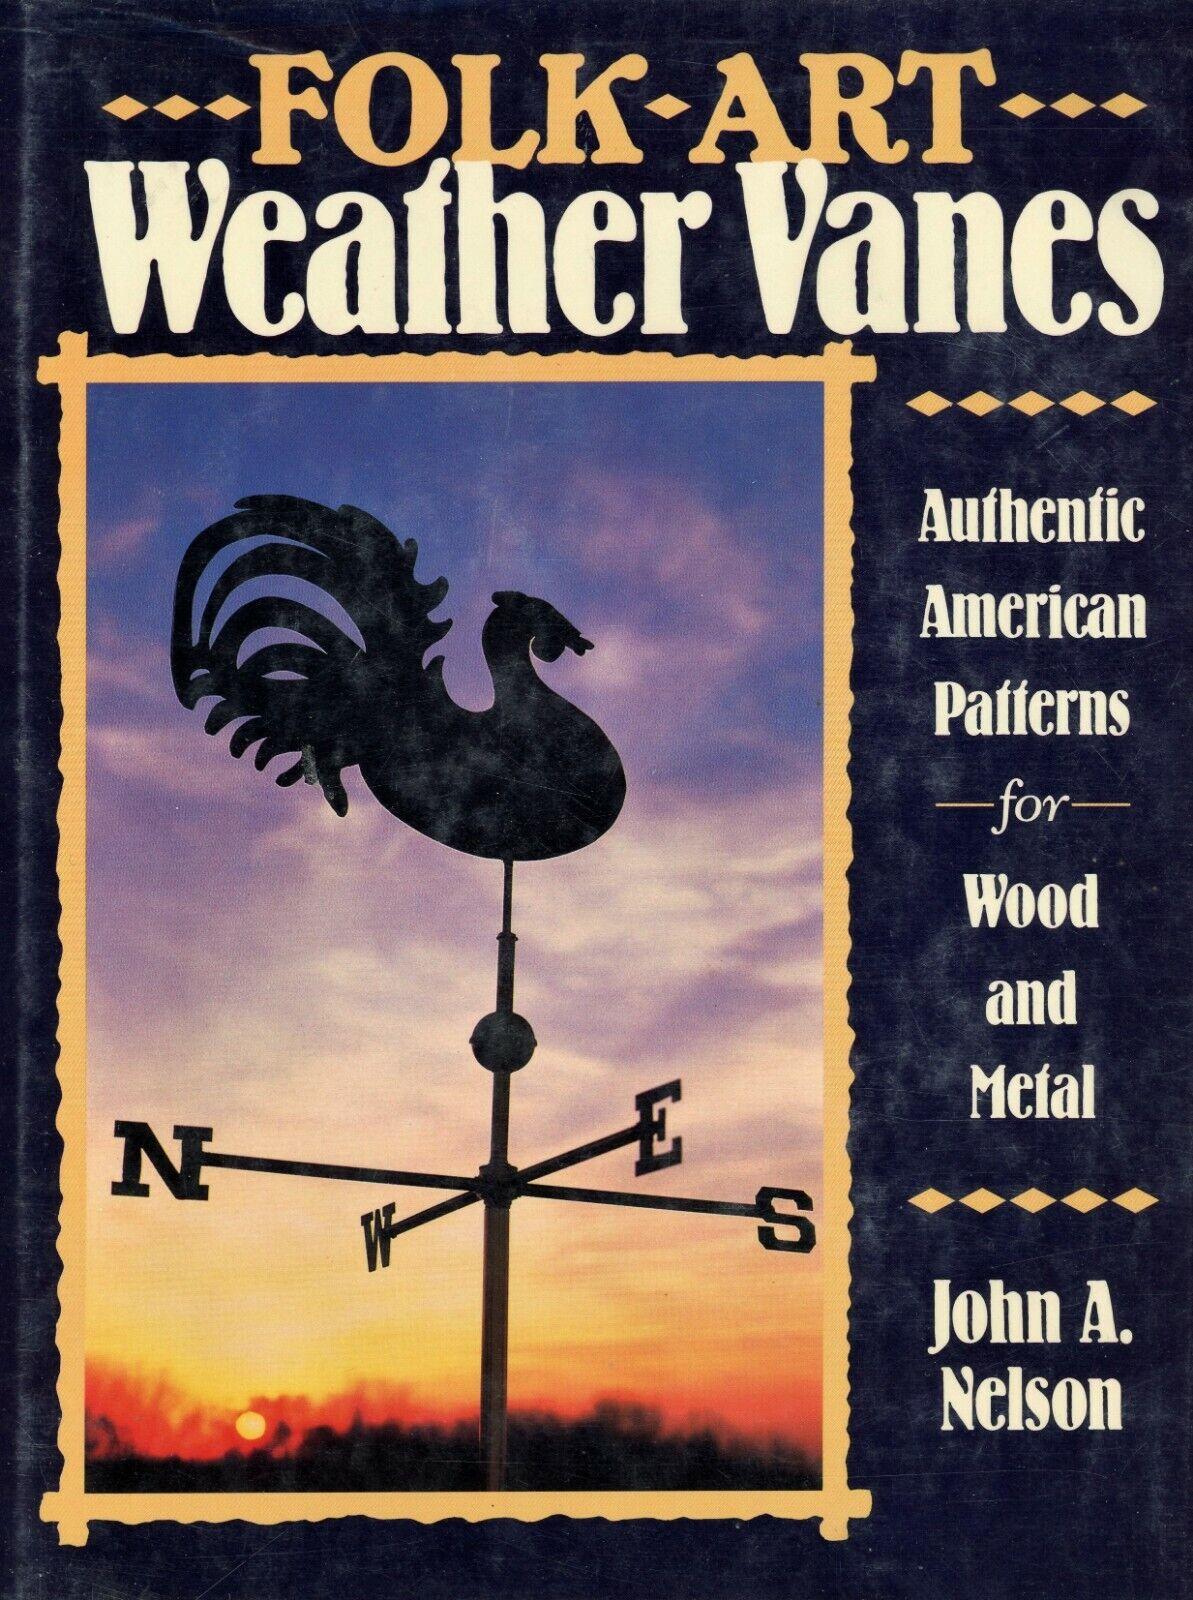 Antique Folk Art Weathervanes Weather Vanes - Pattern Designs / Scarce Book